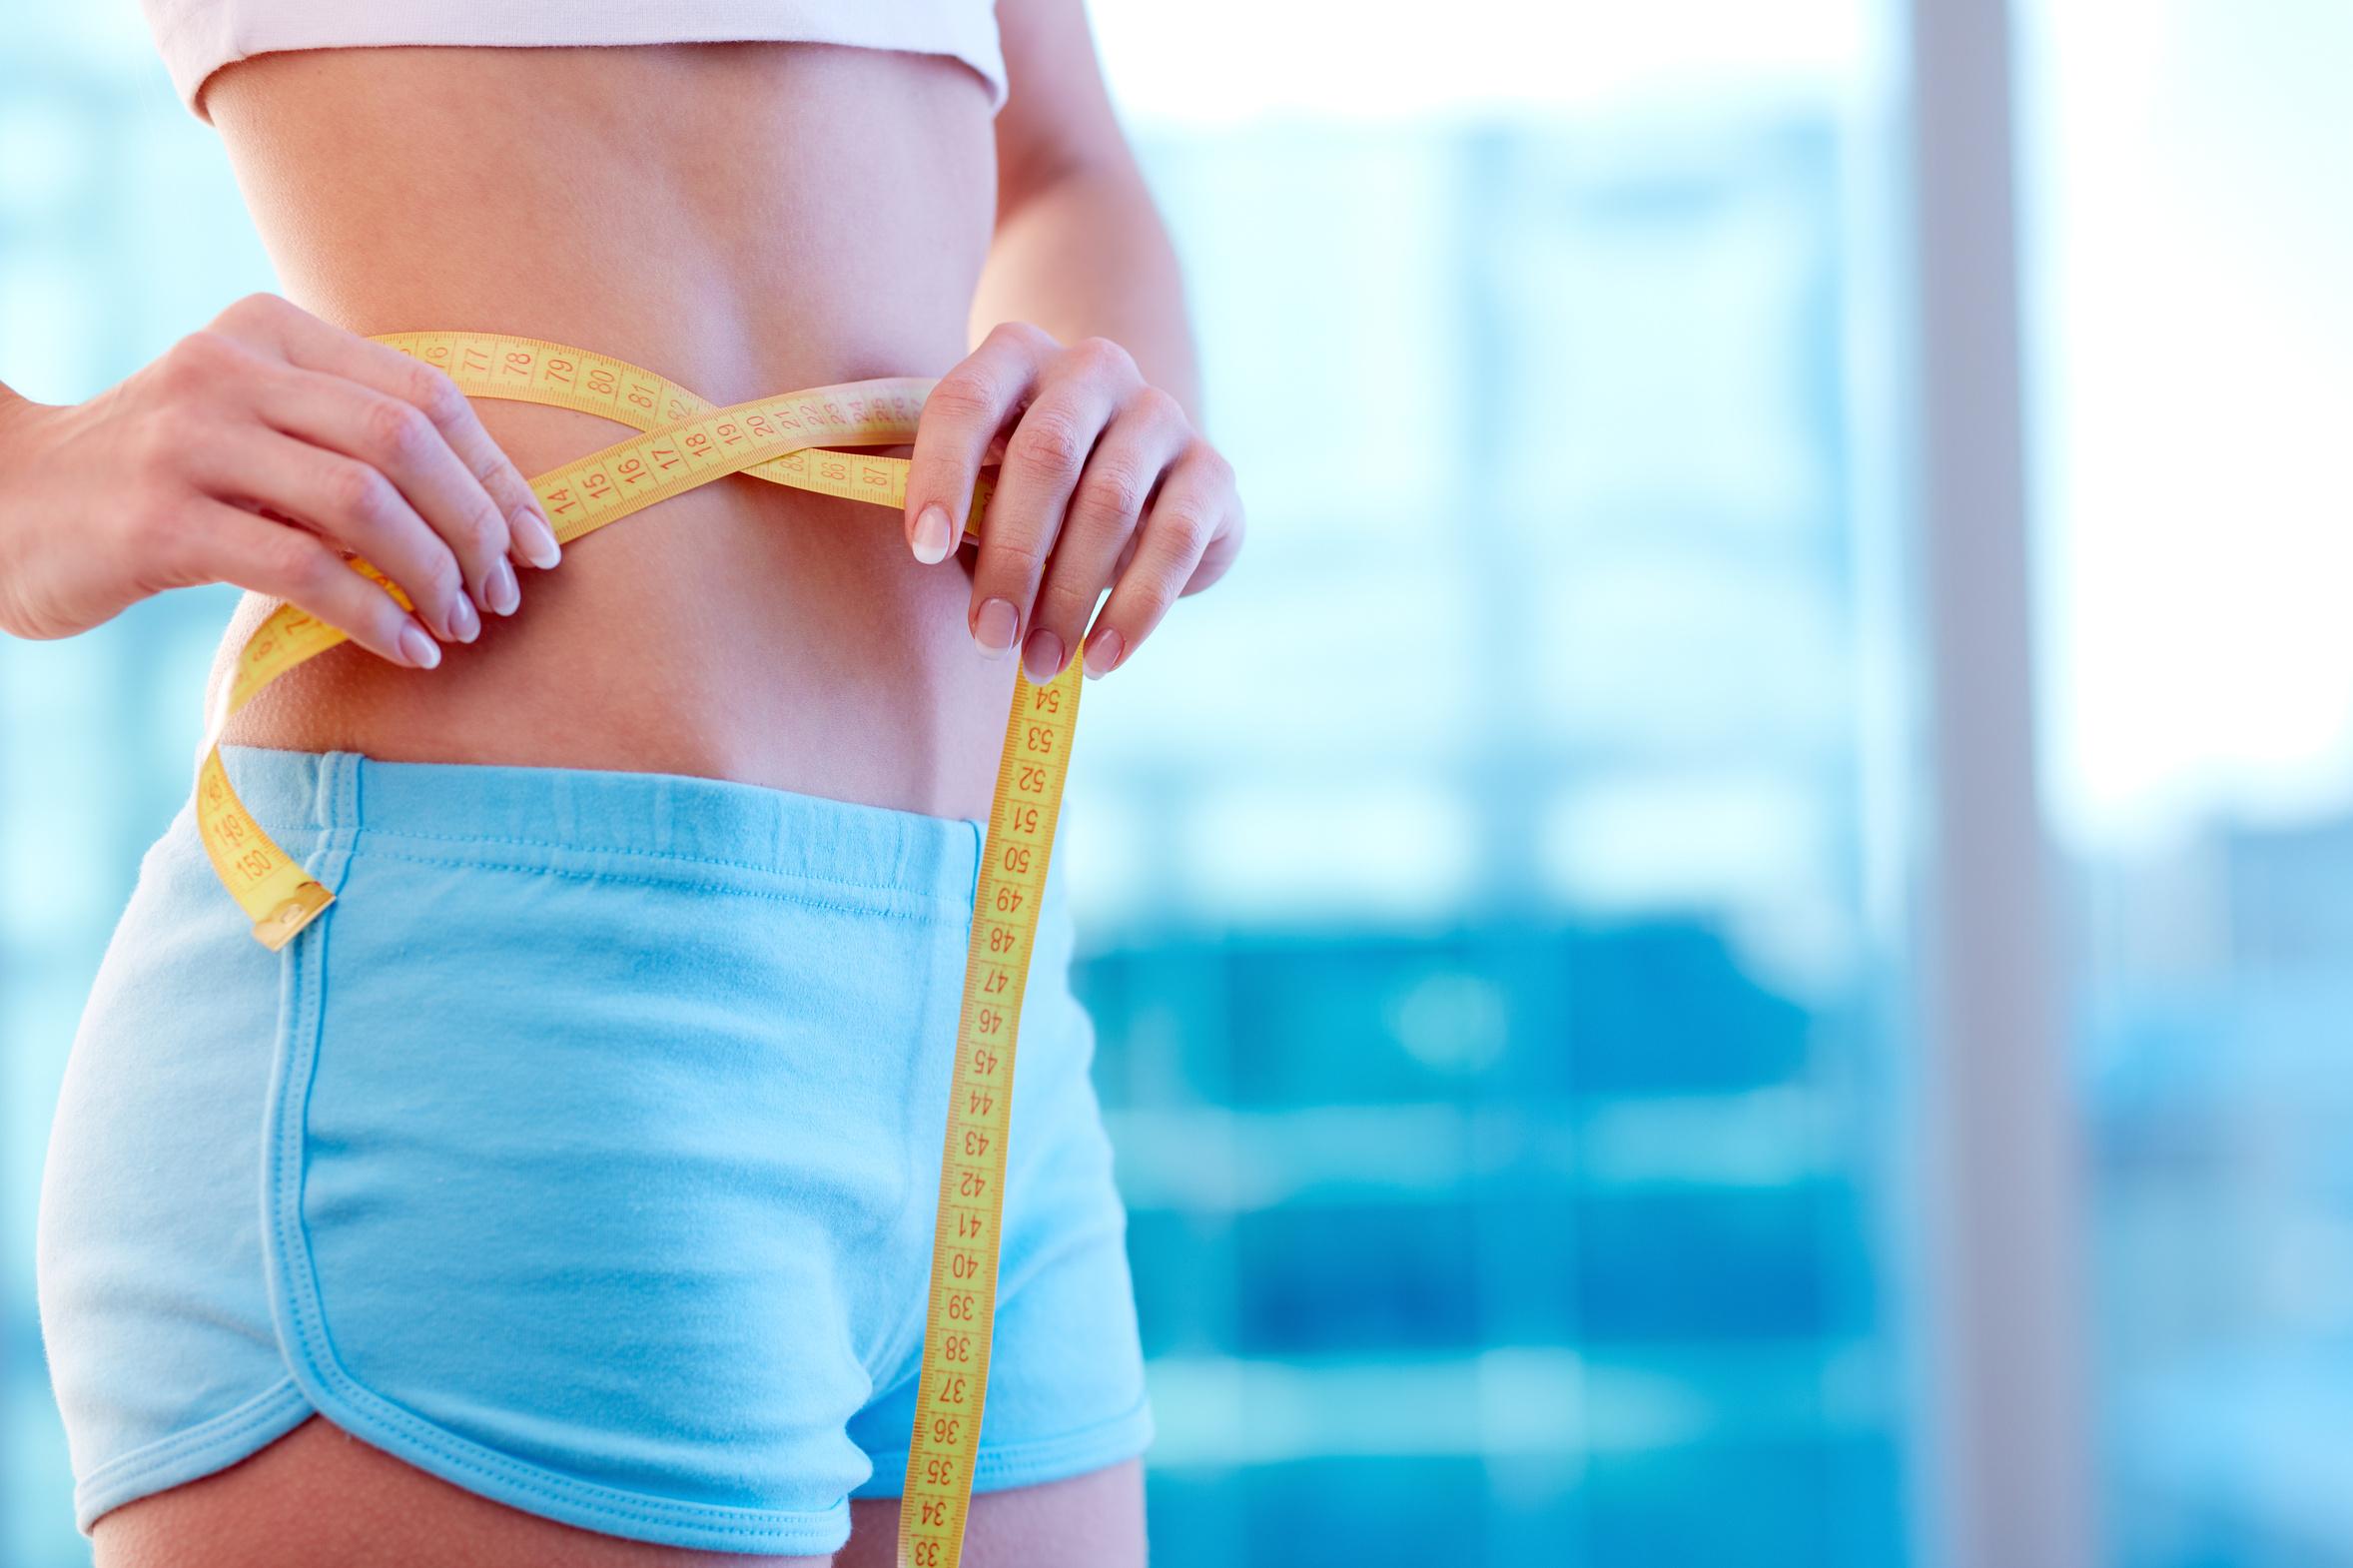 Veszítsen felesleges zsírt a hasa körül